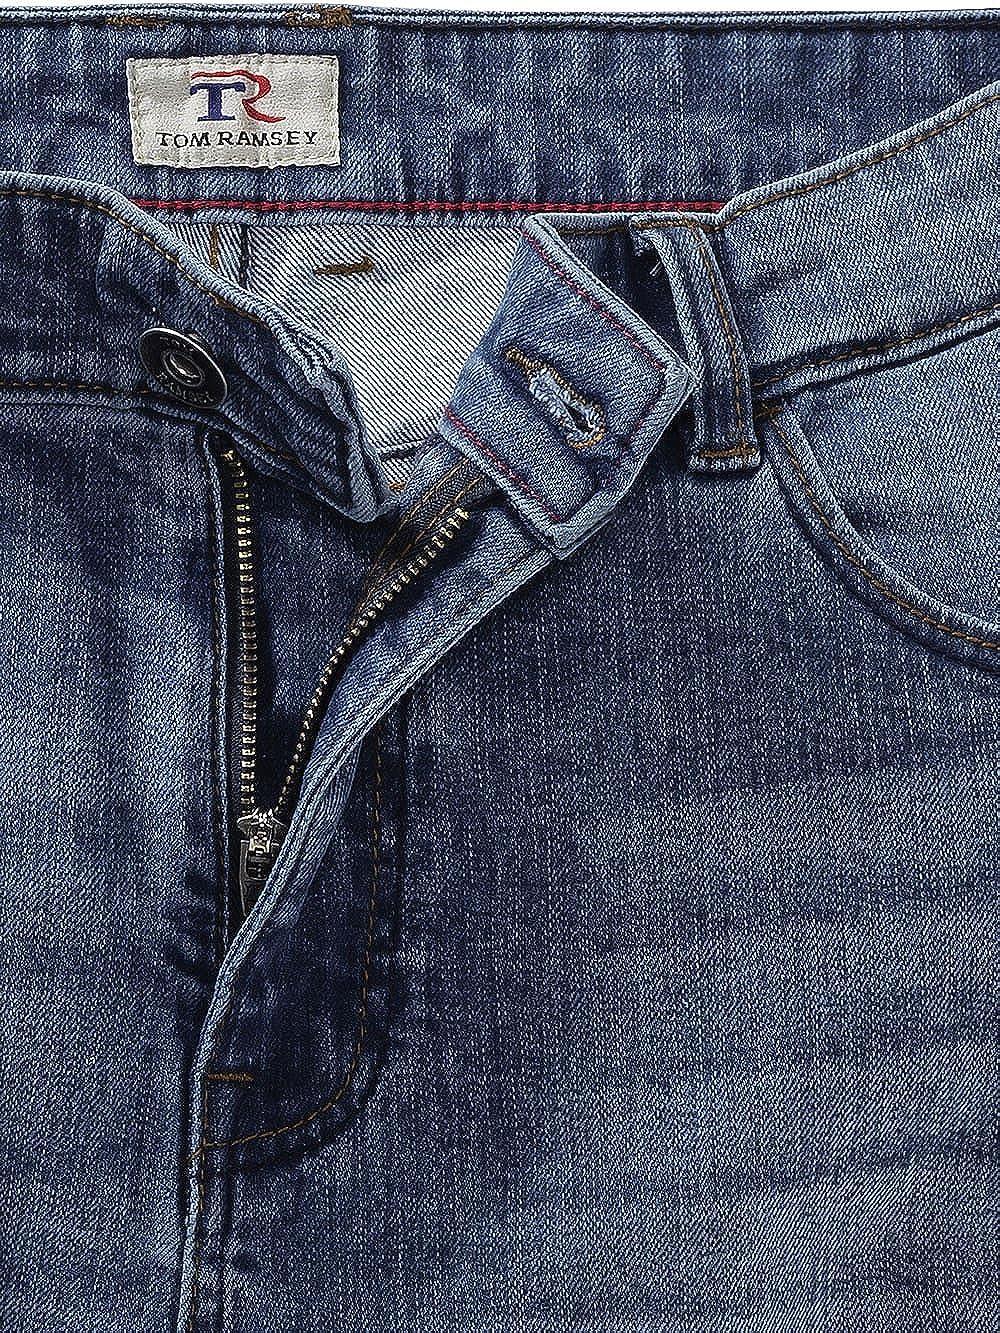 19e6b336429b Tom Ramsey Herren Jeans Bermuda, Kurze Freizeithose in Hellblau, Modische  Sommer-Shorts, mit Stretch-Anteil, Jeansshorts für Männer, Gr. 48 – 60, ...